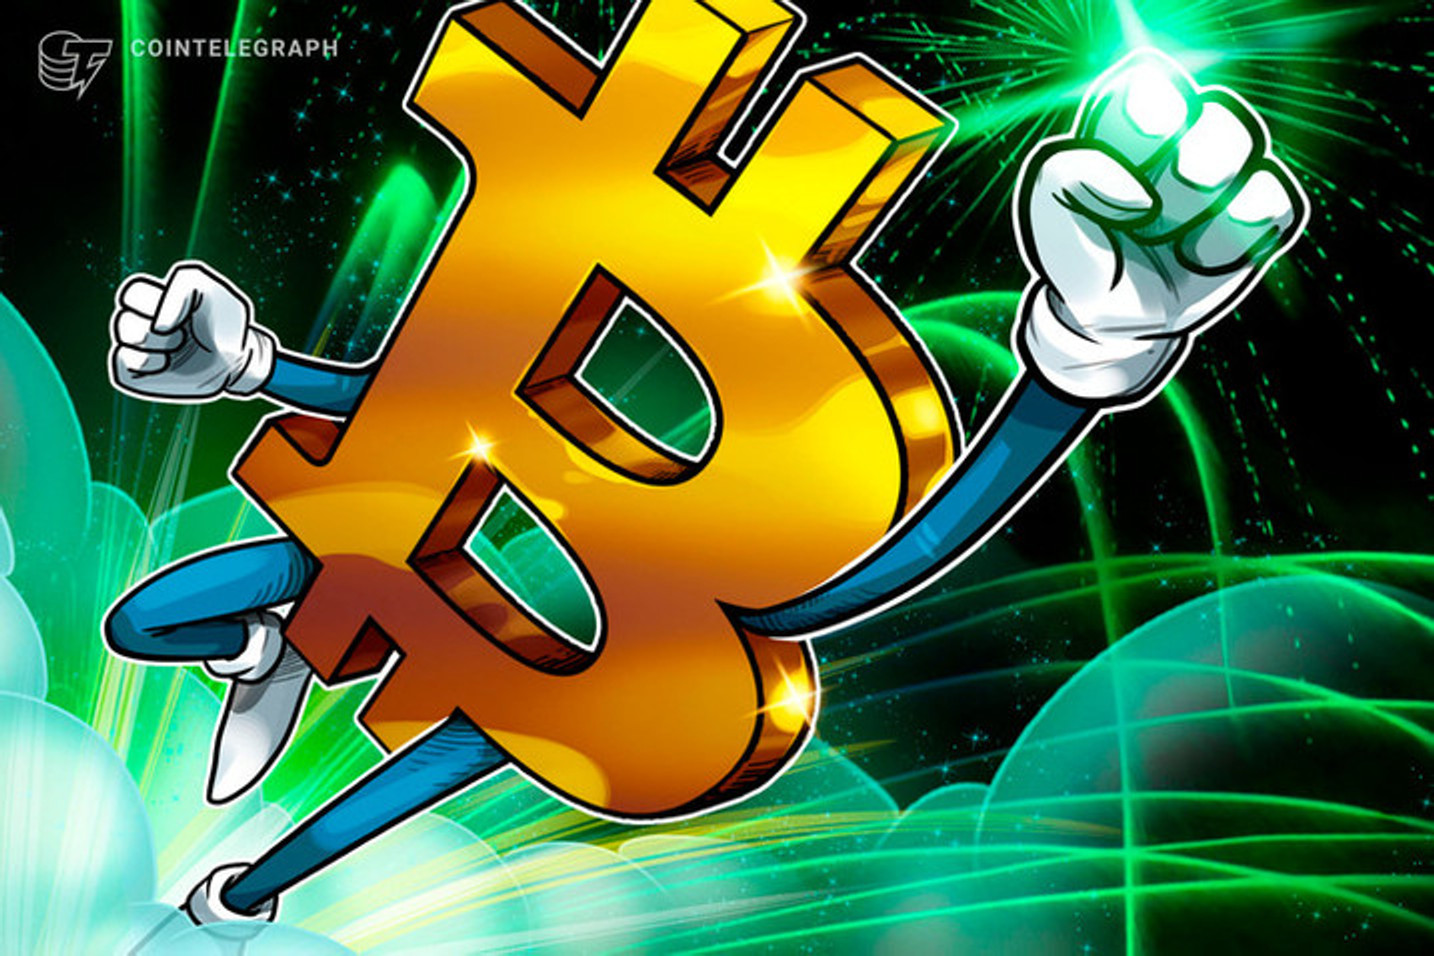 Analistas de Wall Street confían en que Bitcoin alcance los USD 15,000 en los próximos 12 meses